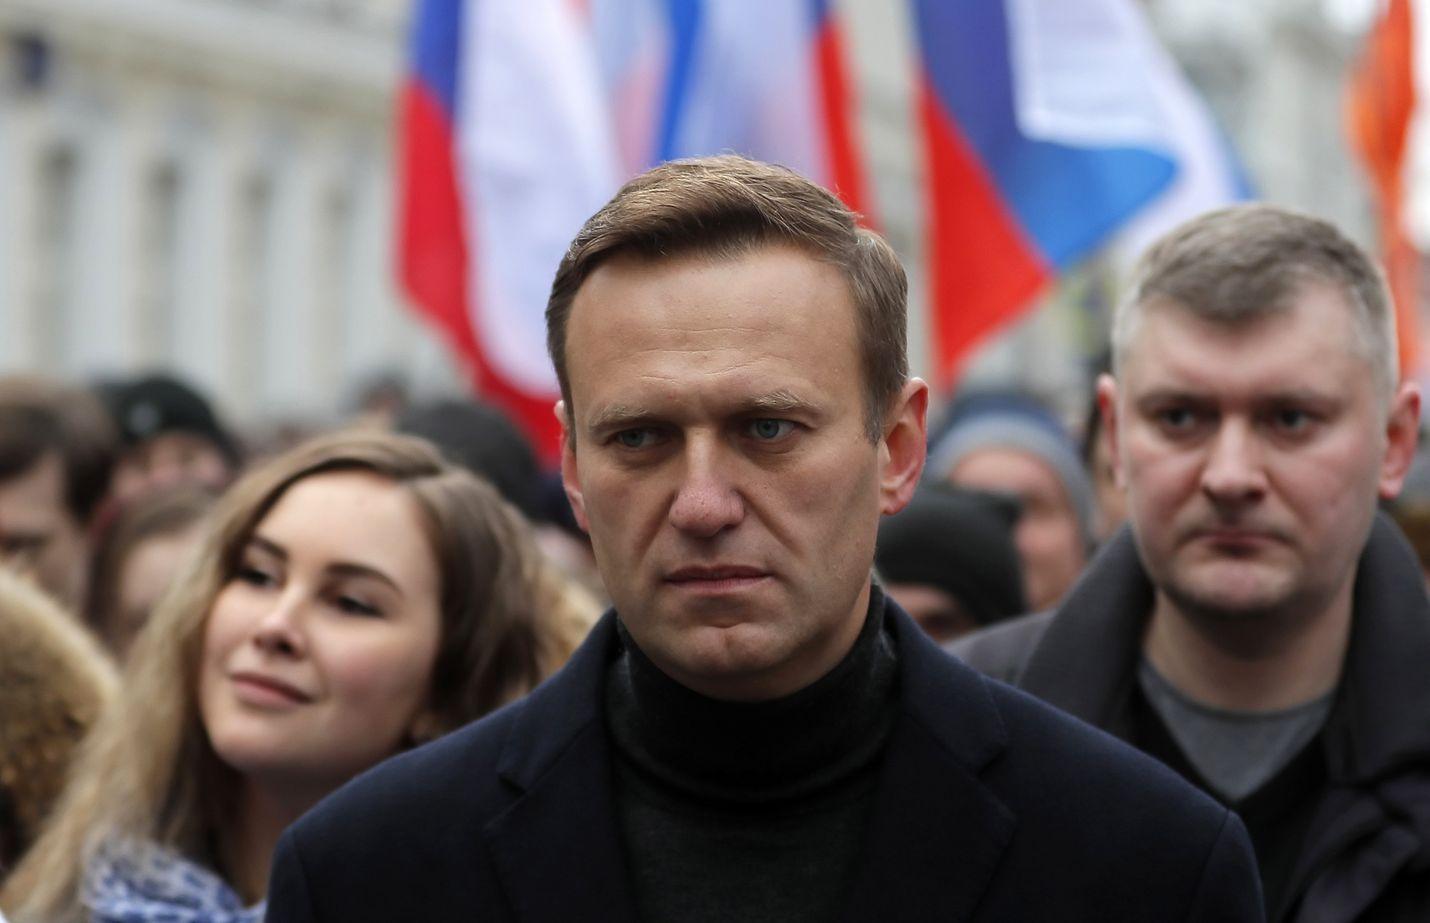 Ennen murhayritystä Aleksei Navalnyi oli Venäjällä täydessä toiminnassa. Kuvassa hän johtaa murhatun oppositiopoliitikon Boris Nemtsovin muistomarssia tämän kuoleman viisivuotispäivänä 29. helmikuuta